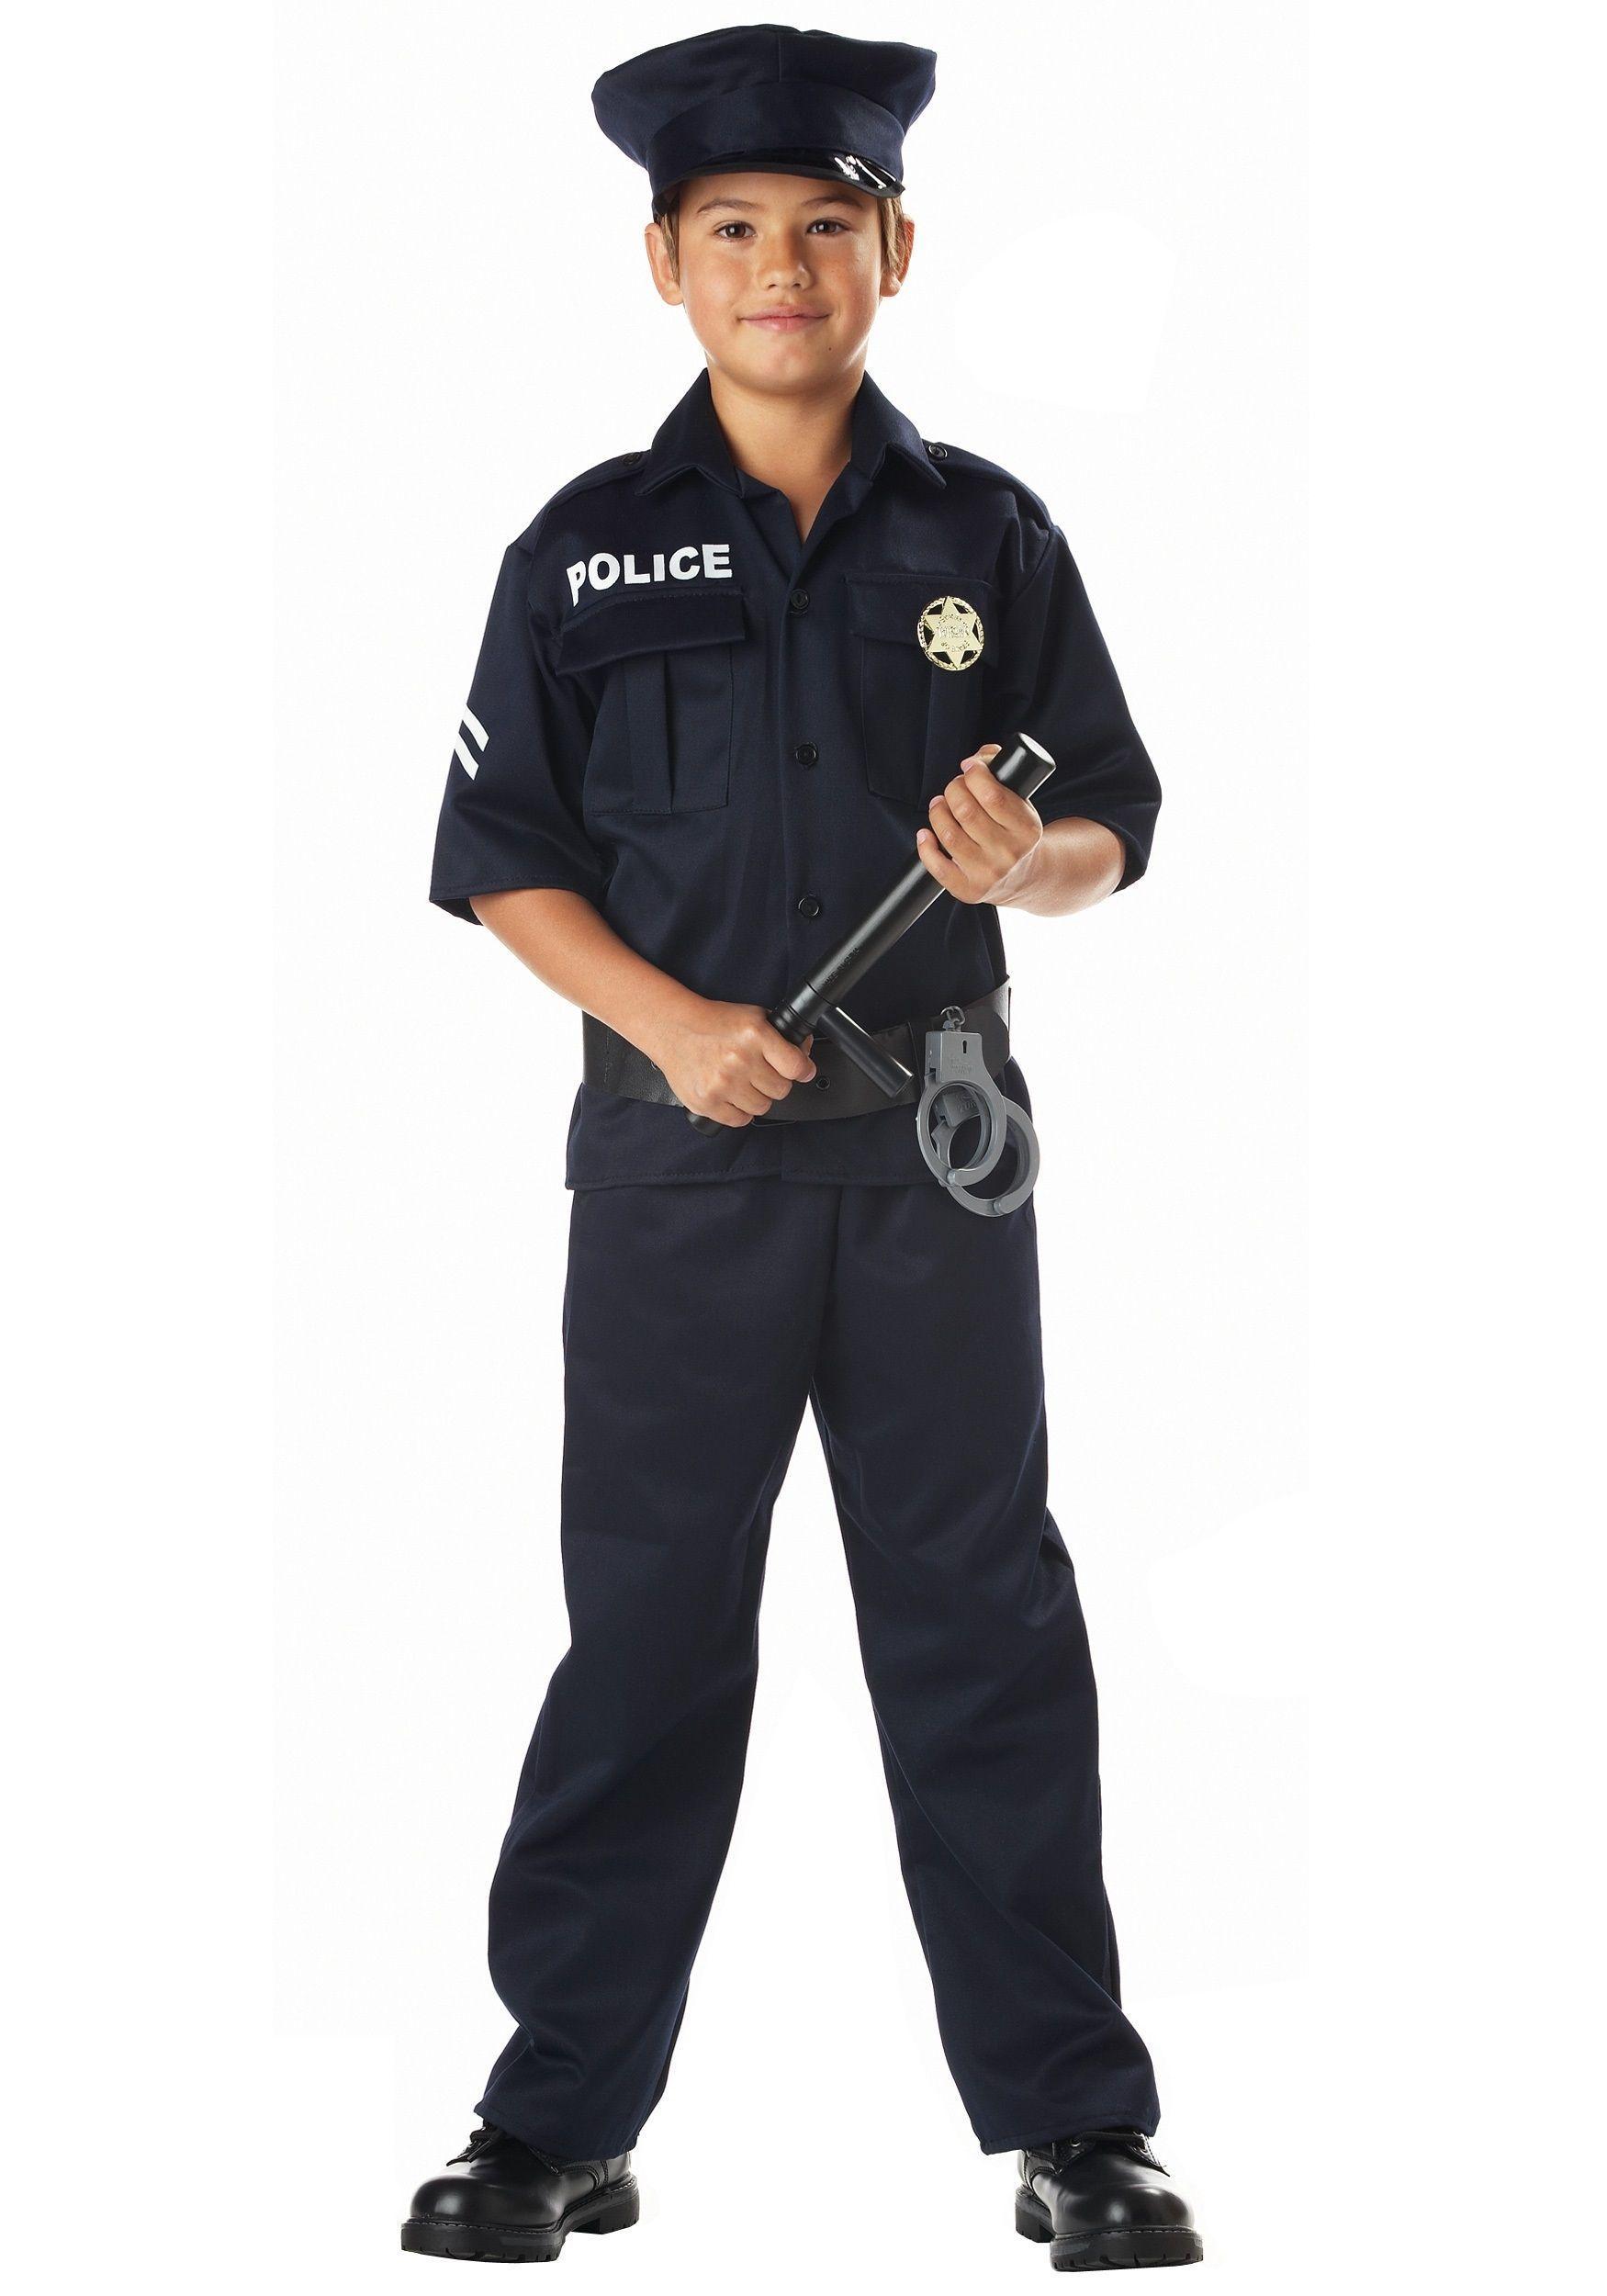 Костюм полицейского детский (38) - Пираты и моряки, р.38